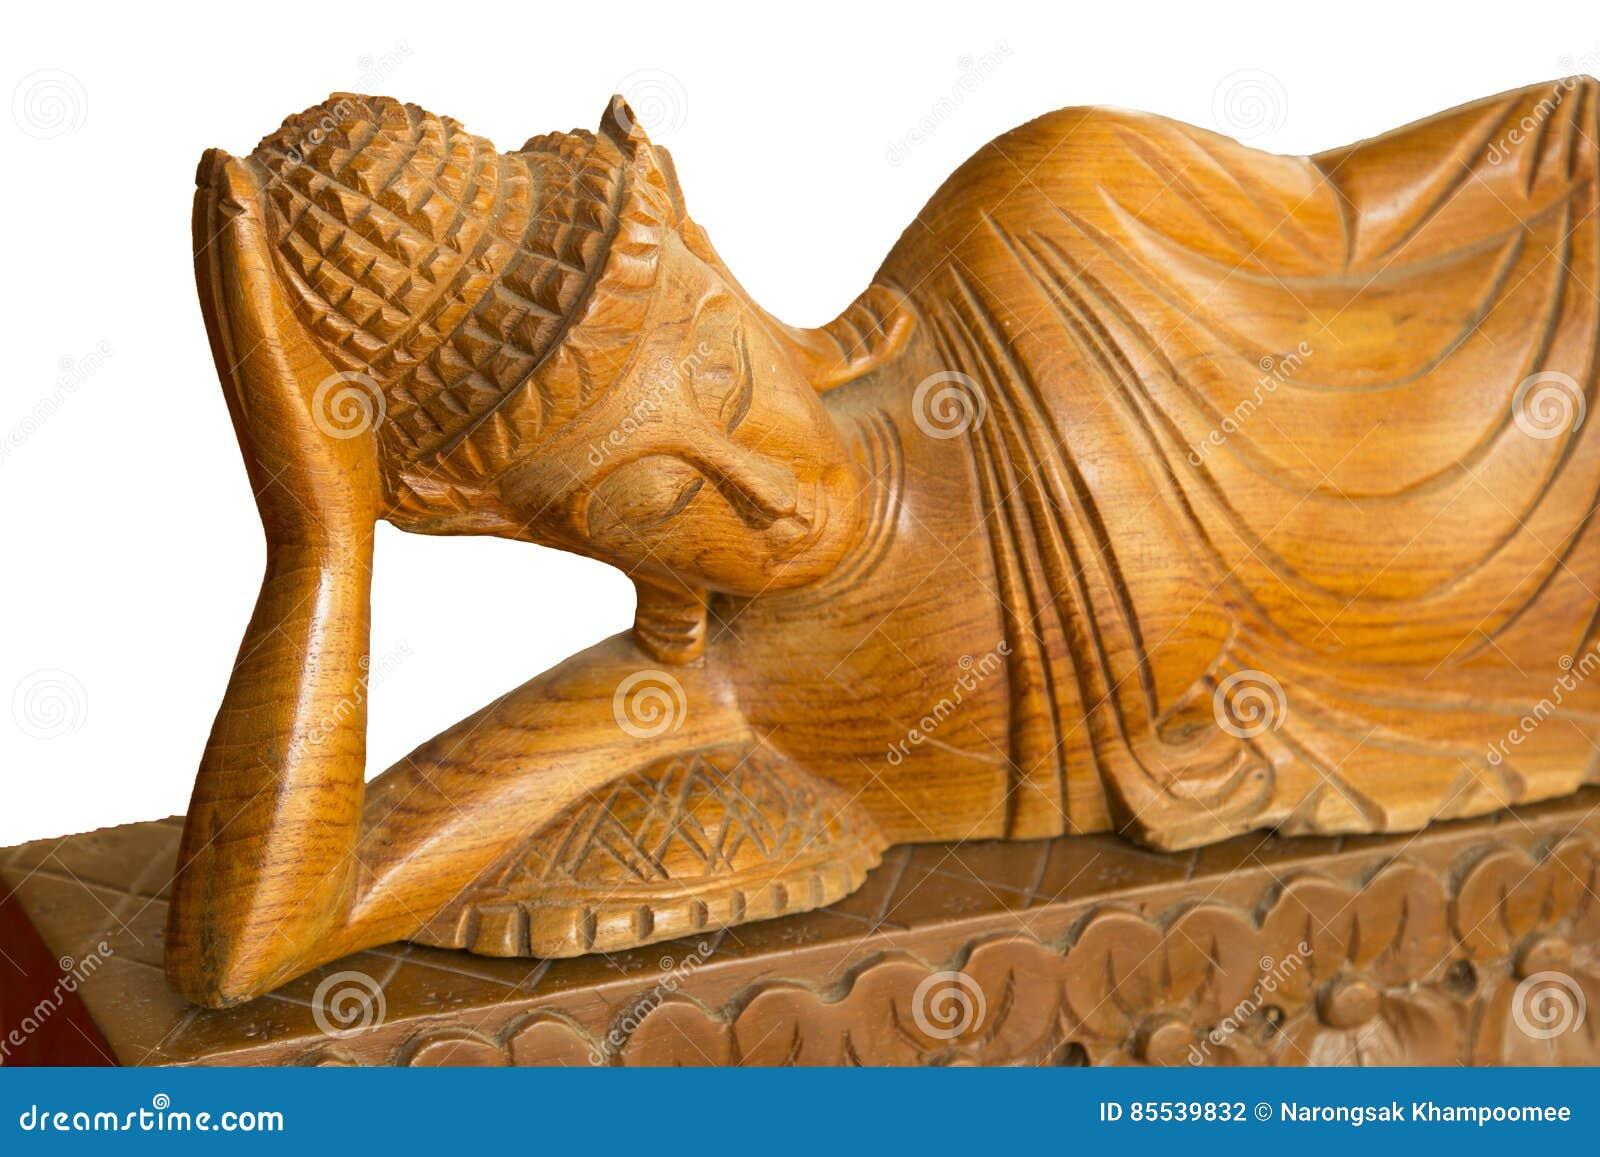 Découpage en bois de Bouddha Découpage en bois de style thaïlandais sur le fond blanc